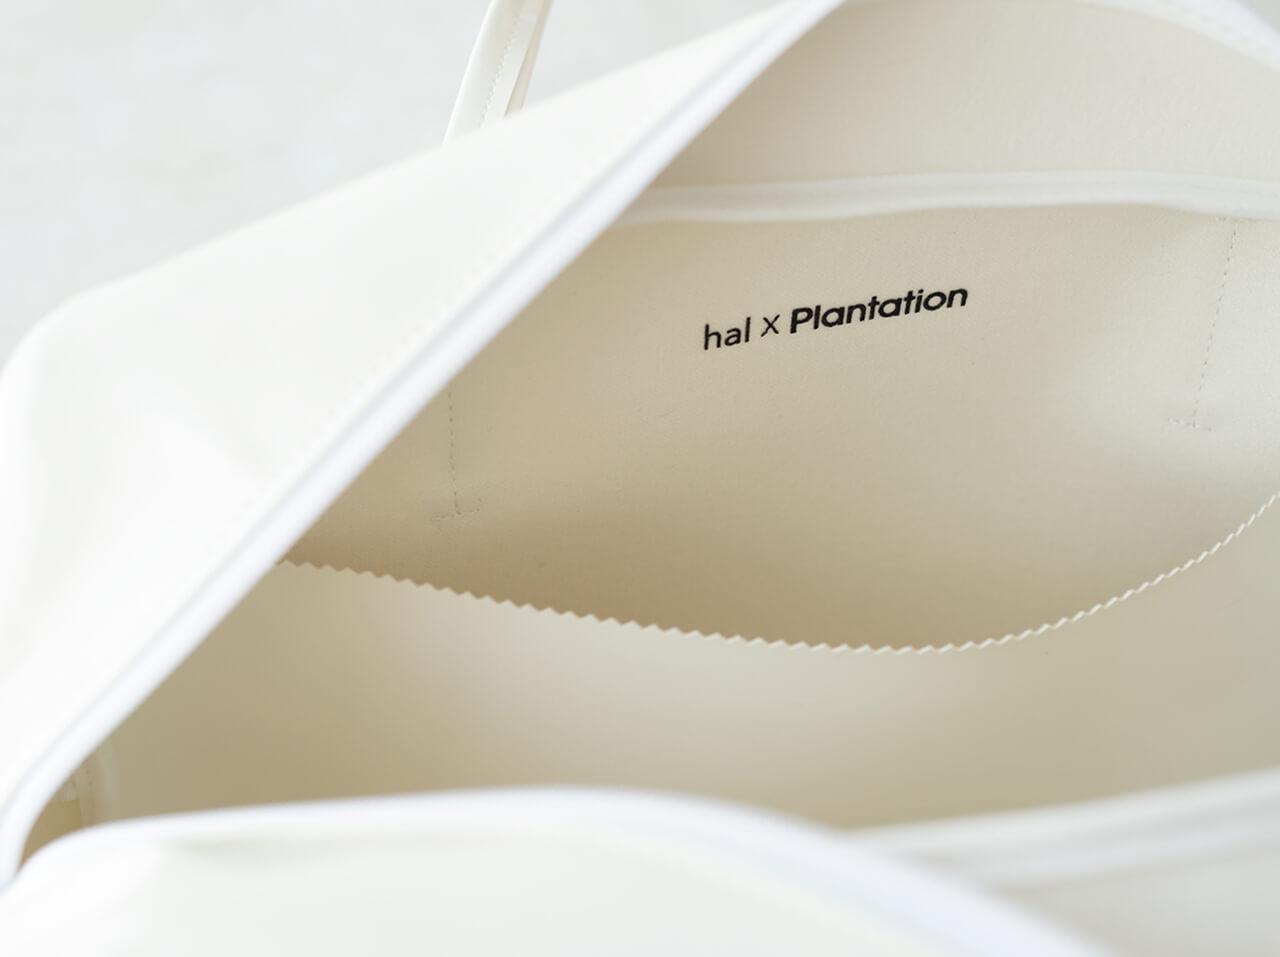 Plantation プランテーション hal×Plantation エナメルボストン